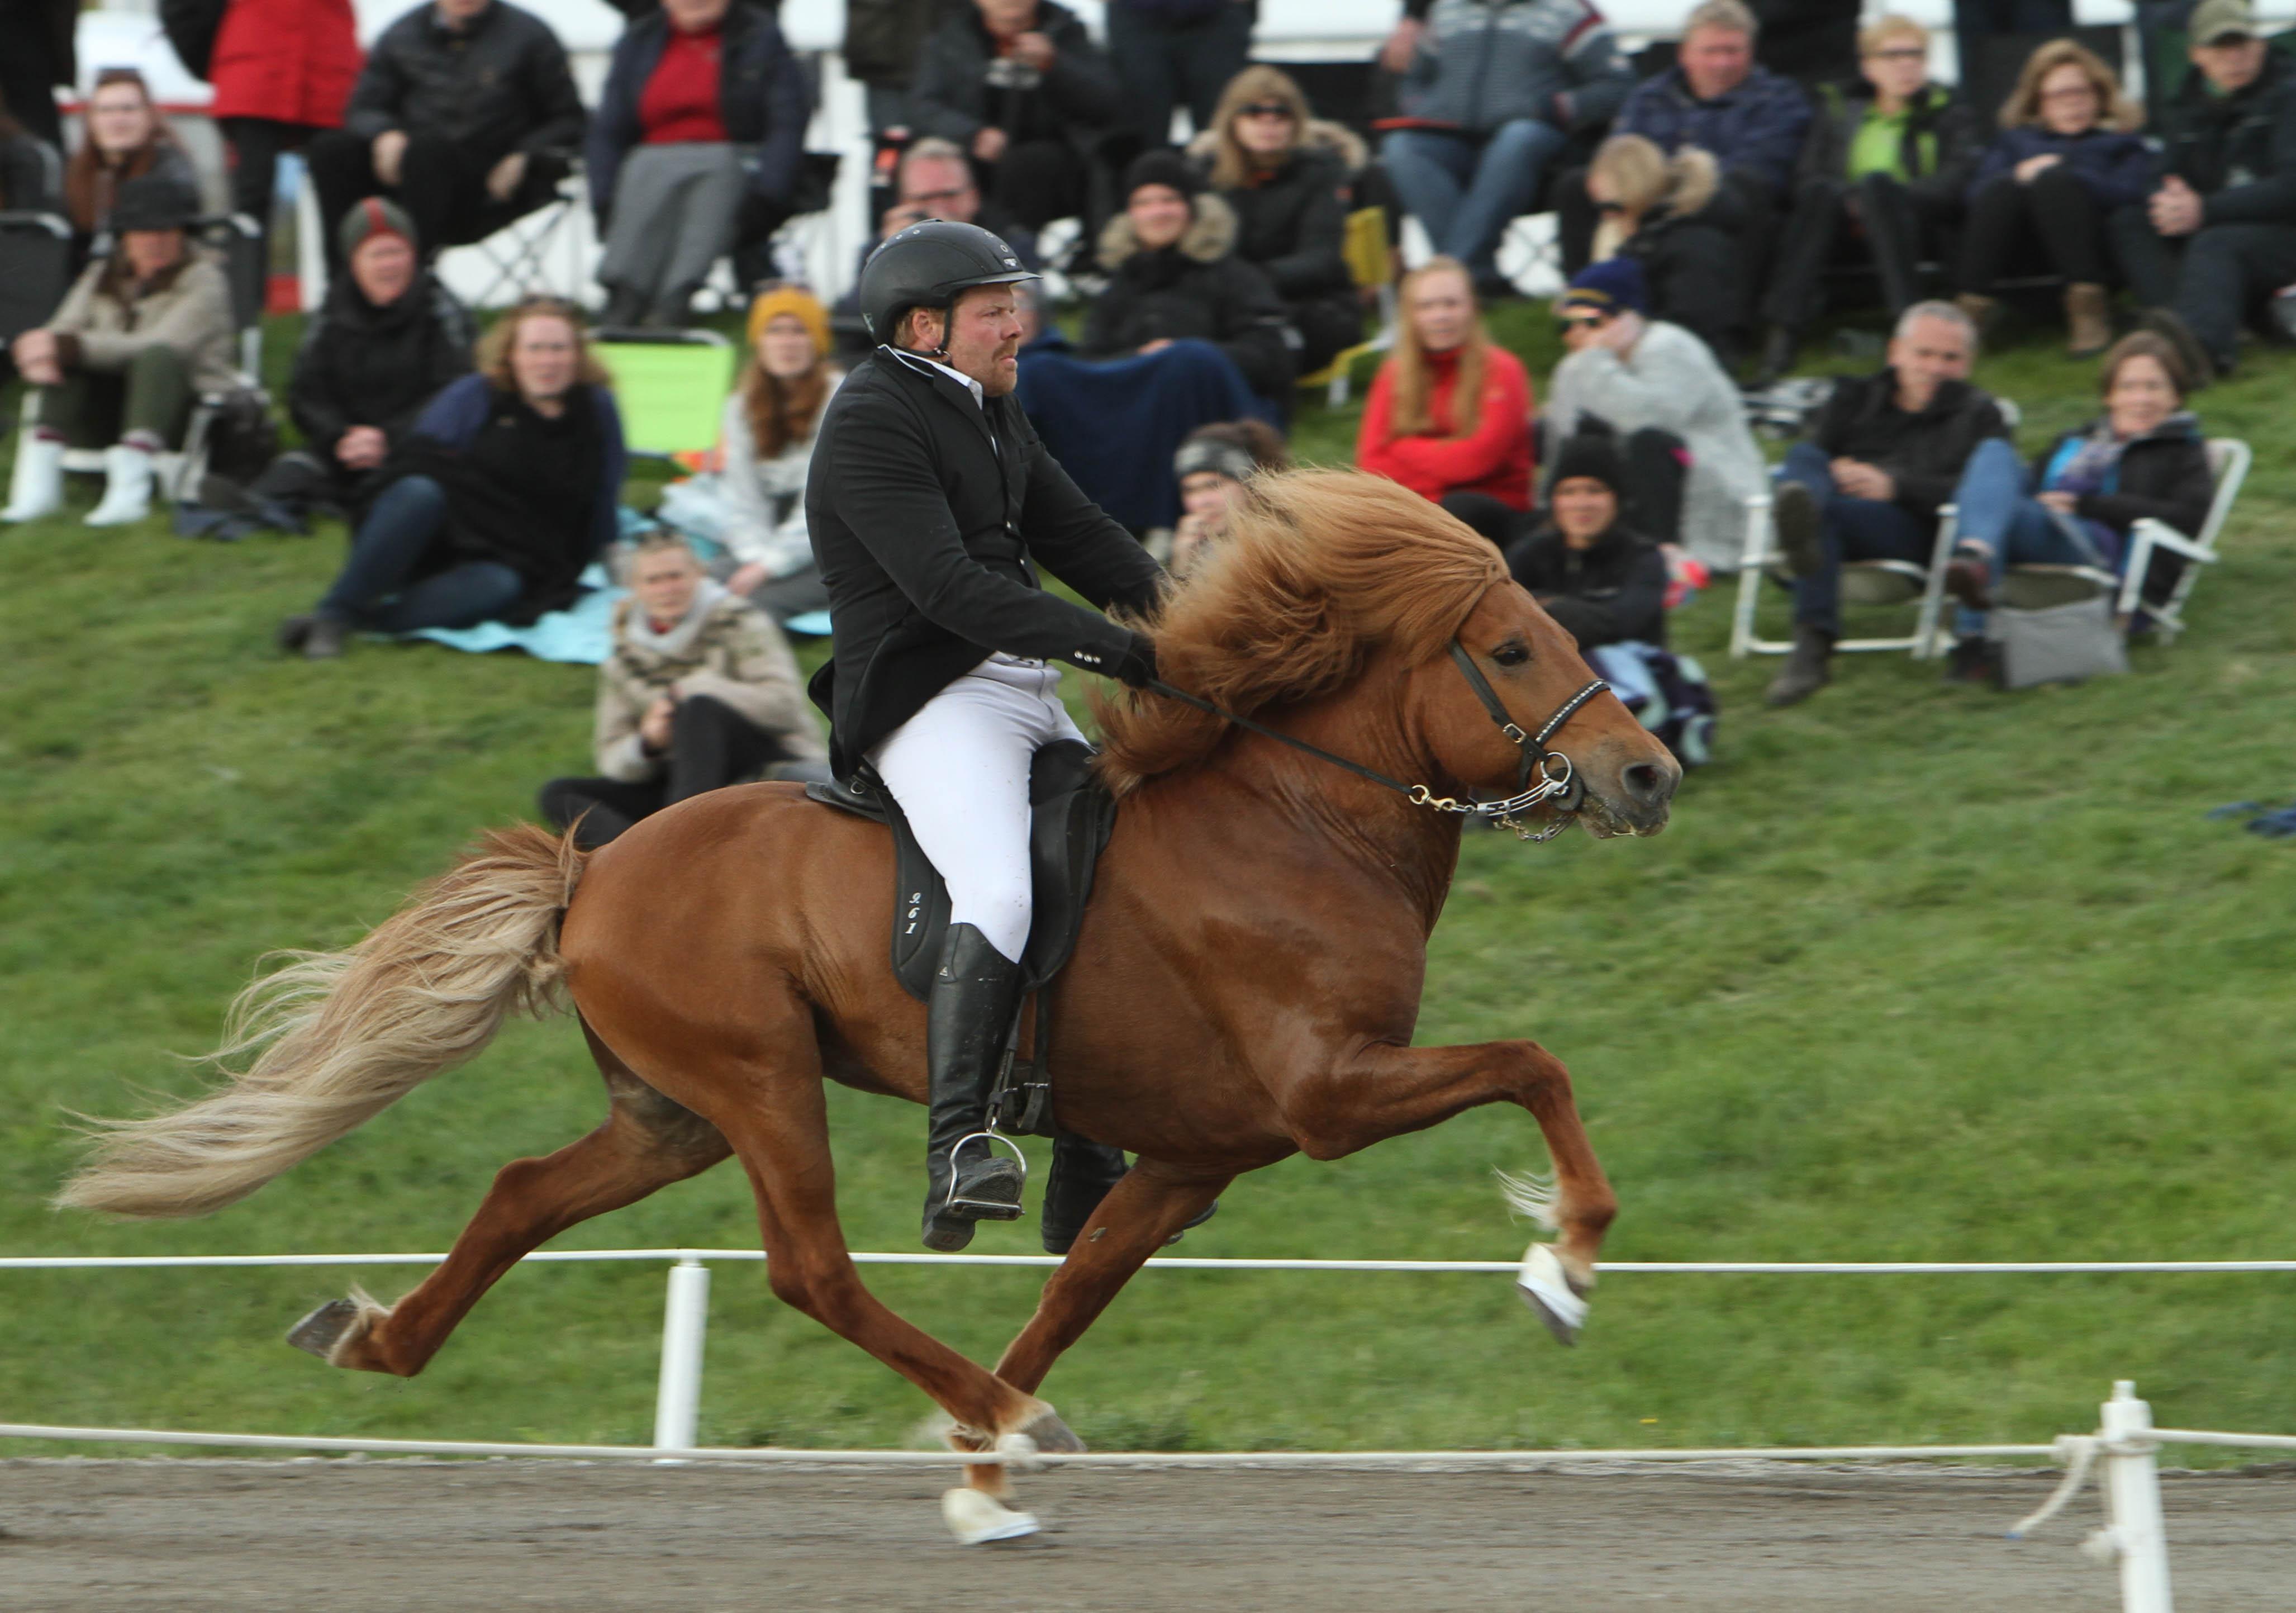 Thor frá Votumyri och Daniel Jónsson red upp sig från 17:e till 5 plats inför finalerna i A-flokk. Foto: Karin Cederman/ishestnews.se